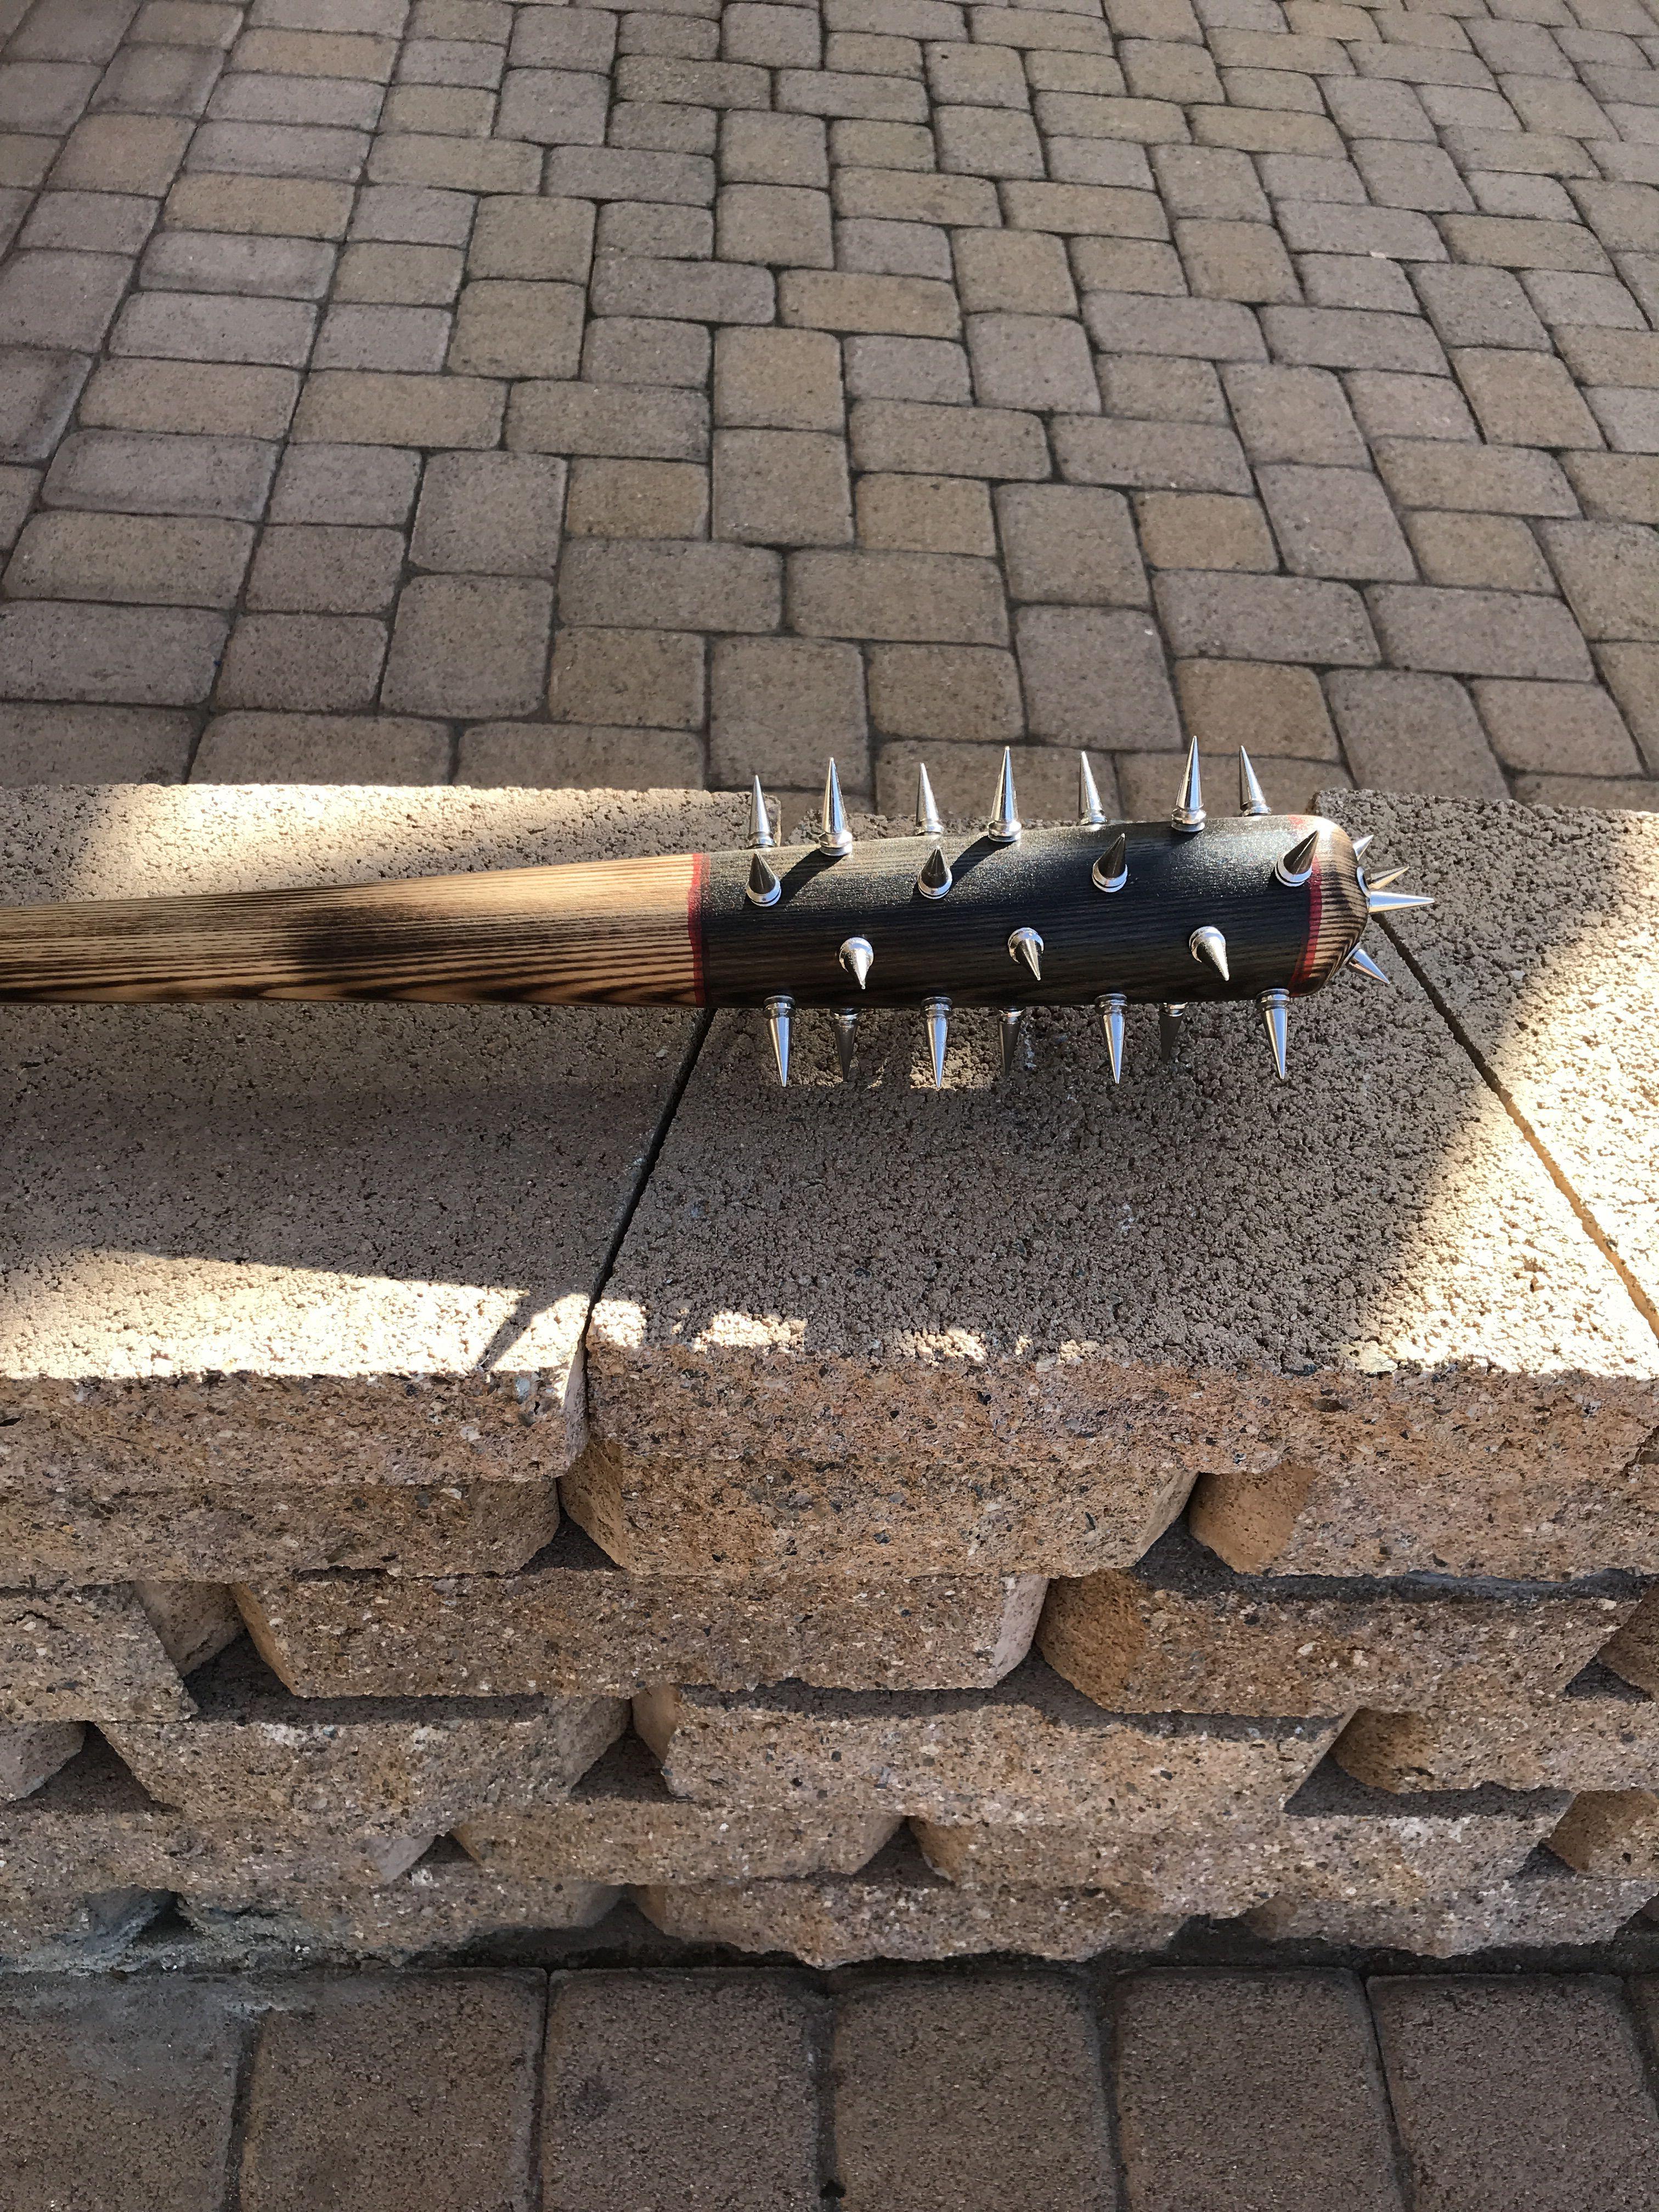 Spiked Bat Baseball Bat Weapon Bat Baseball Bat